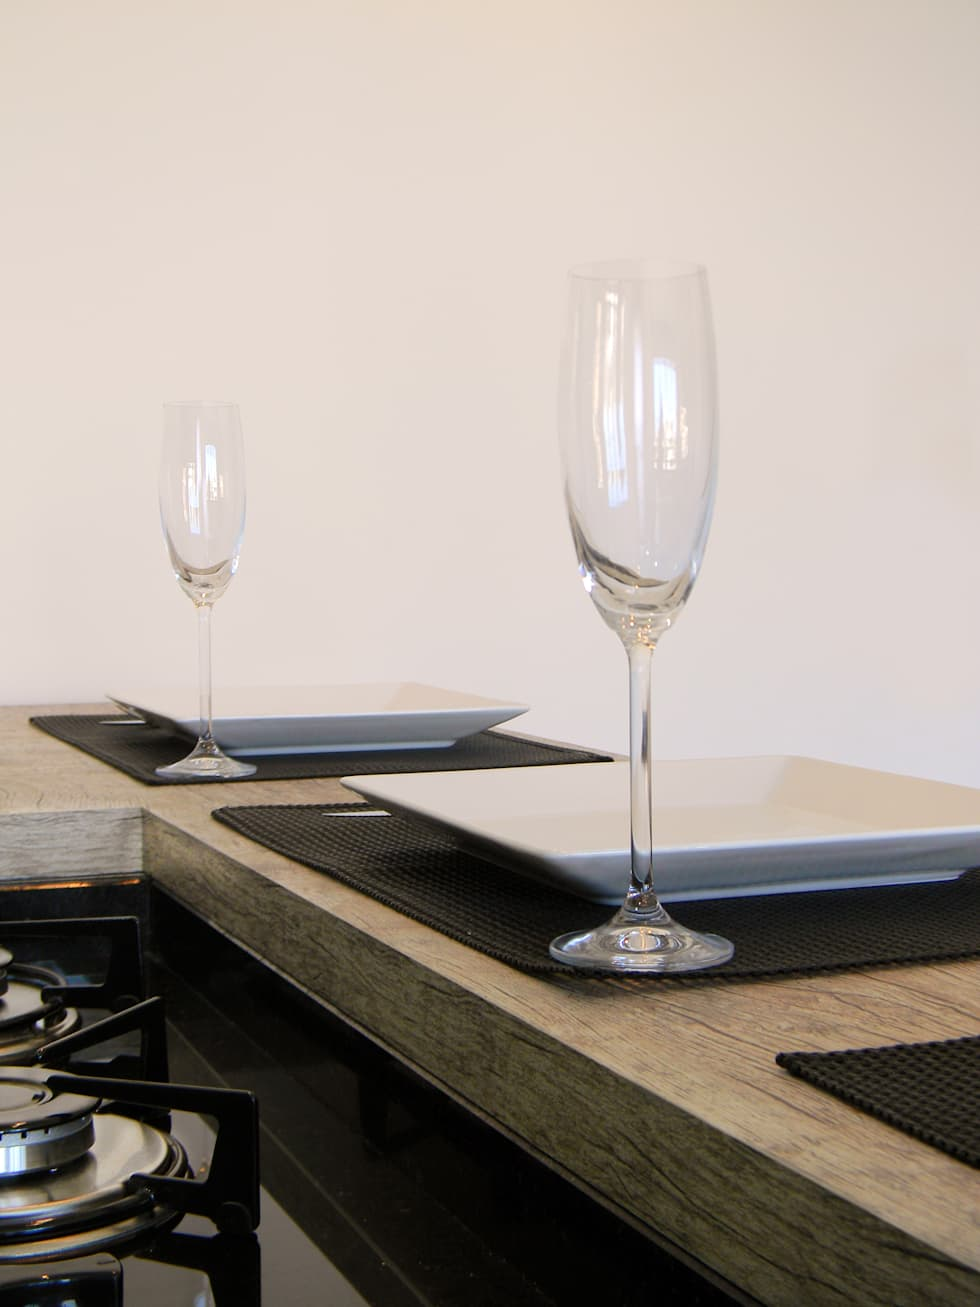 Cozinha em acabamento Vintage: Cozinhas modernas por D`Vita - Marcenaria de Luxo